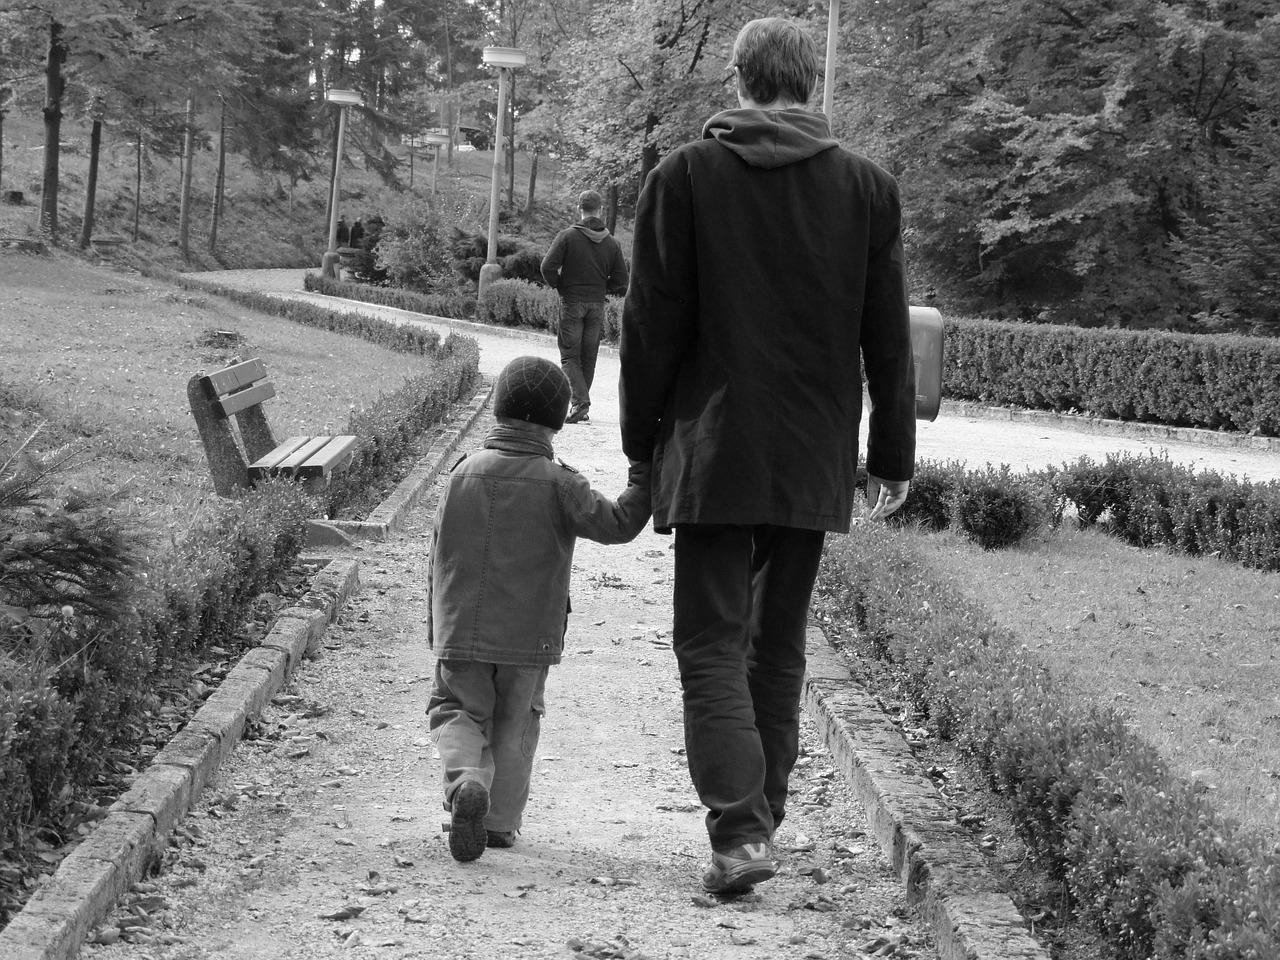 Vater mit einem Kind an der Hand als Sinnbild für das Erwachsenen-Ich